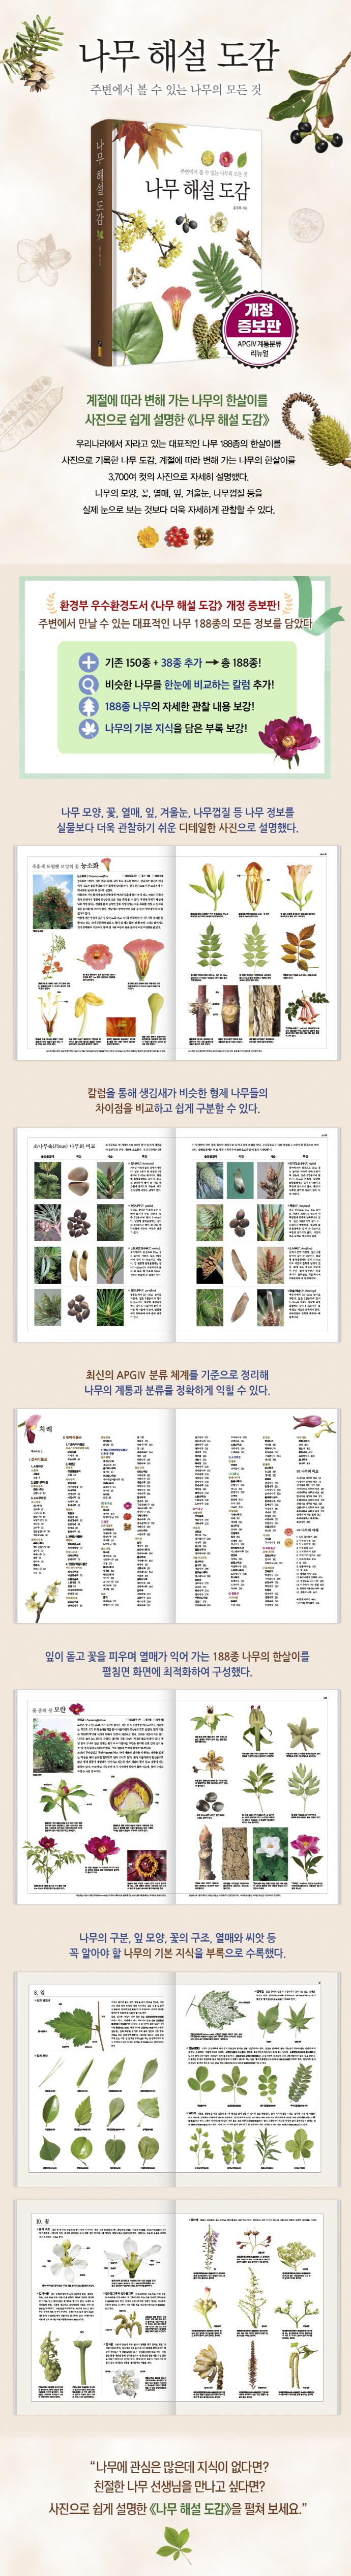 나무 해설 도감(개정증보판)(양장본 HardCover) 도서 상세이미지